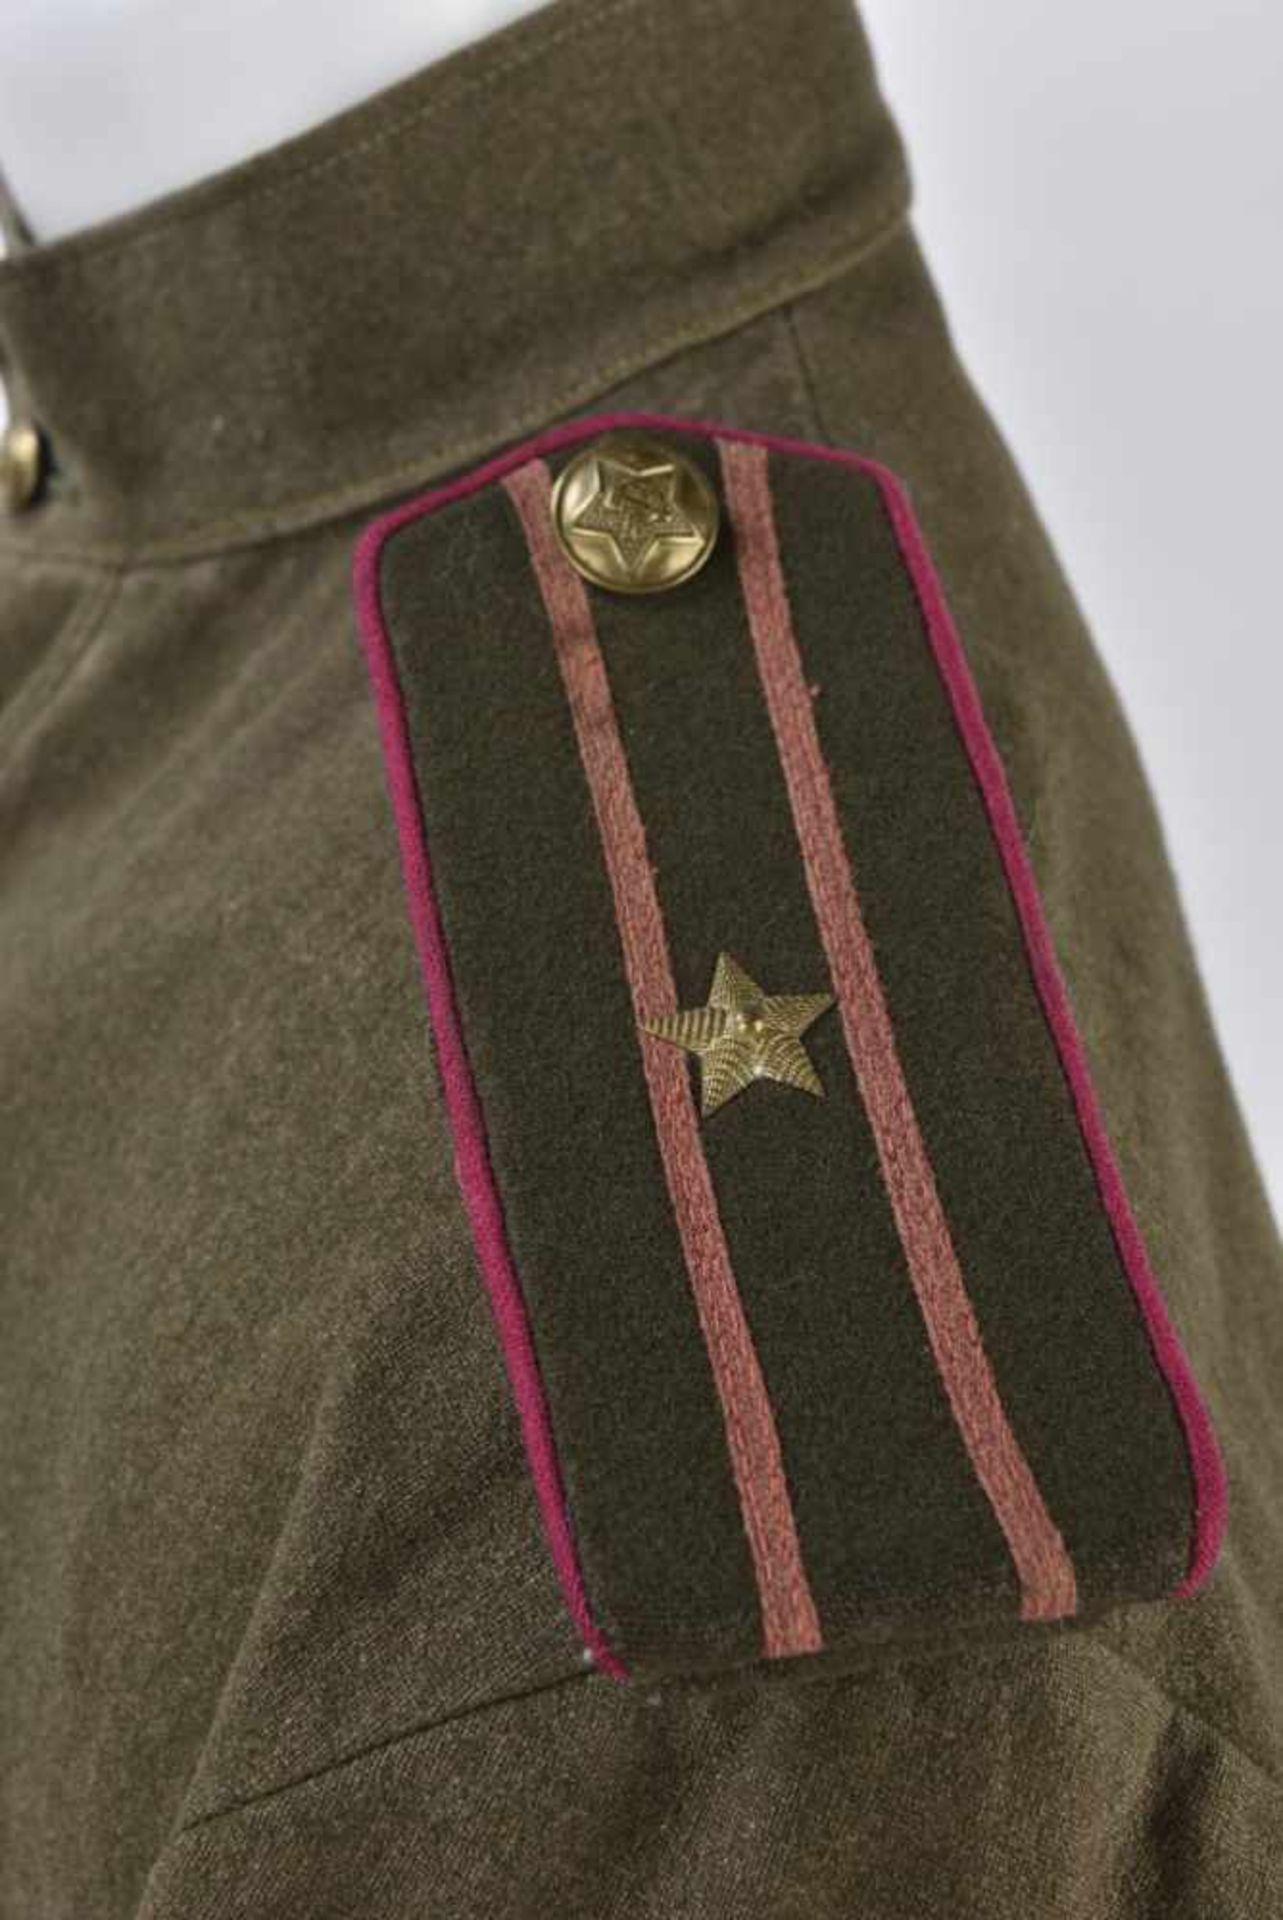 Gymnasterka M.35/43 d'un Colonel de l'infanterie Le col rabattu a été modifié en col droit, - Bild 3 aus 4